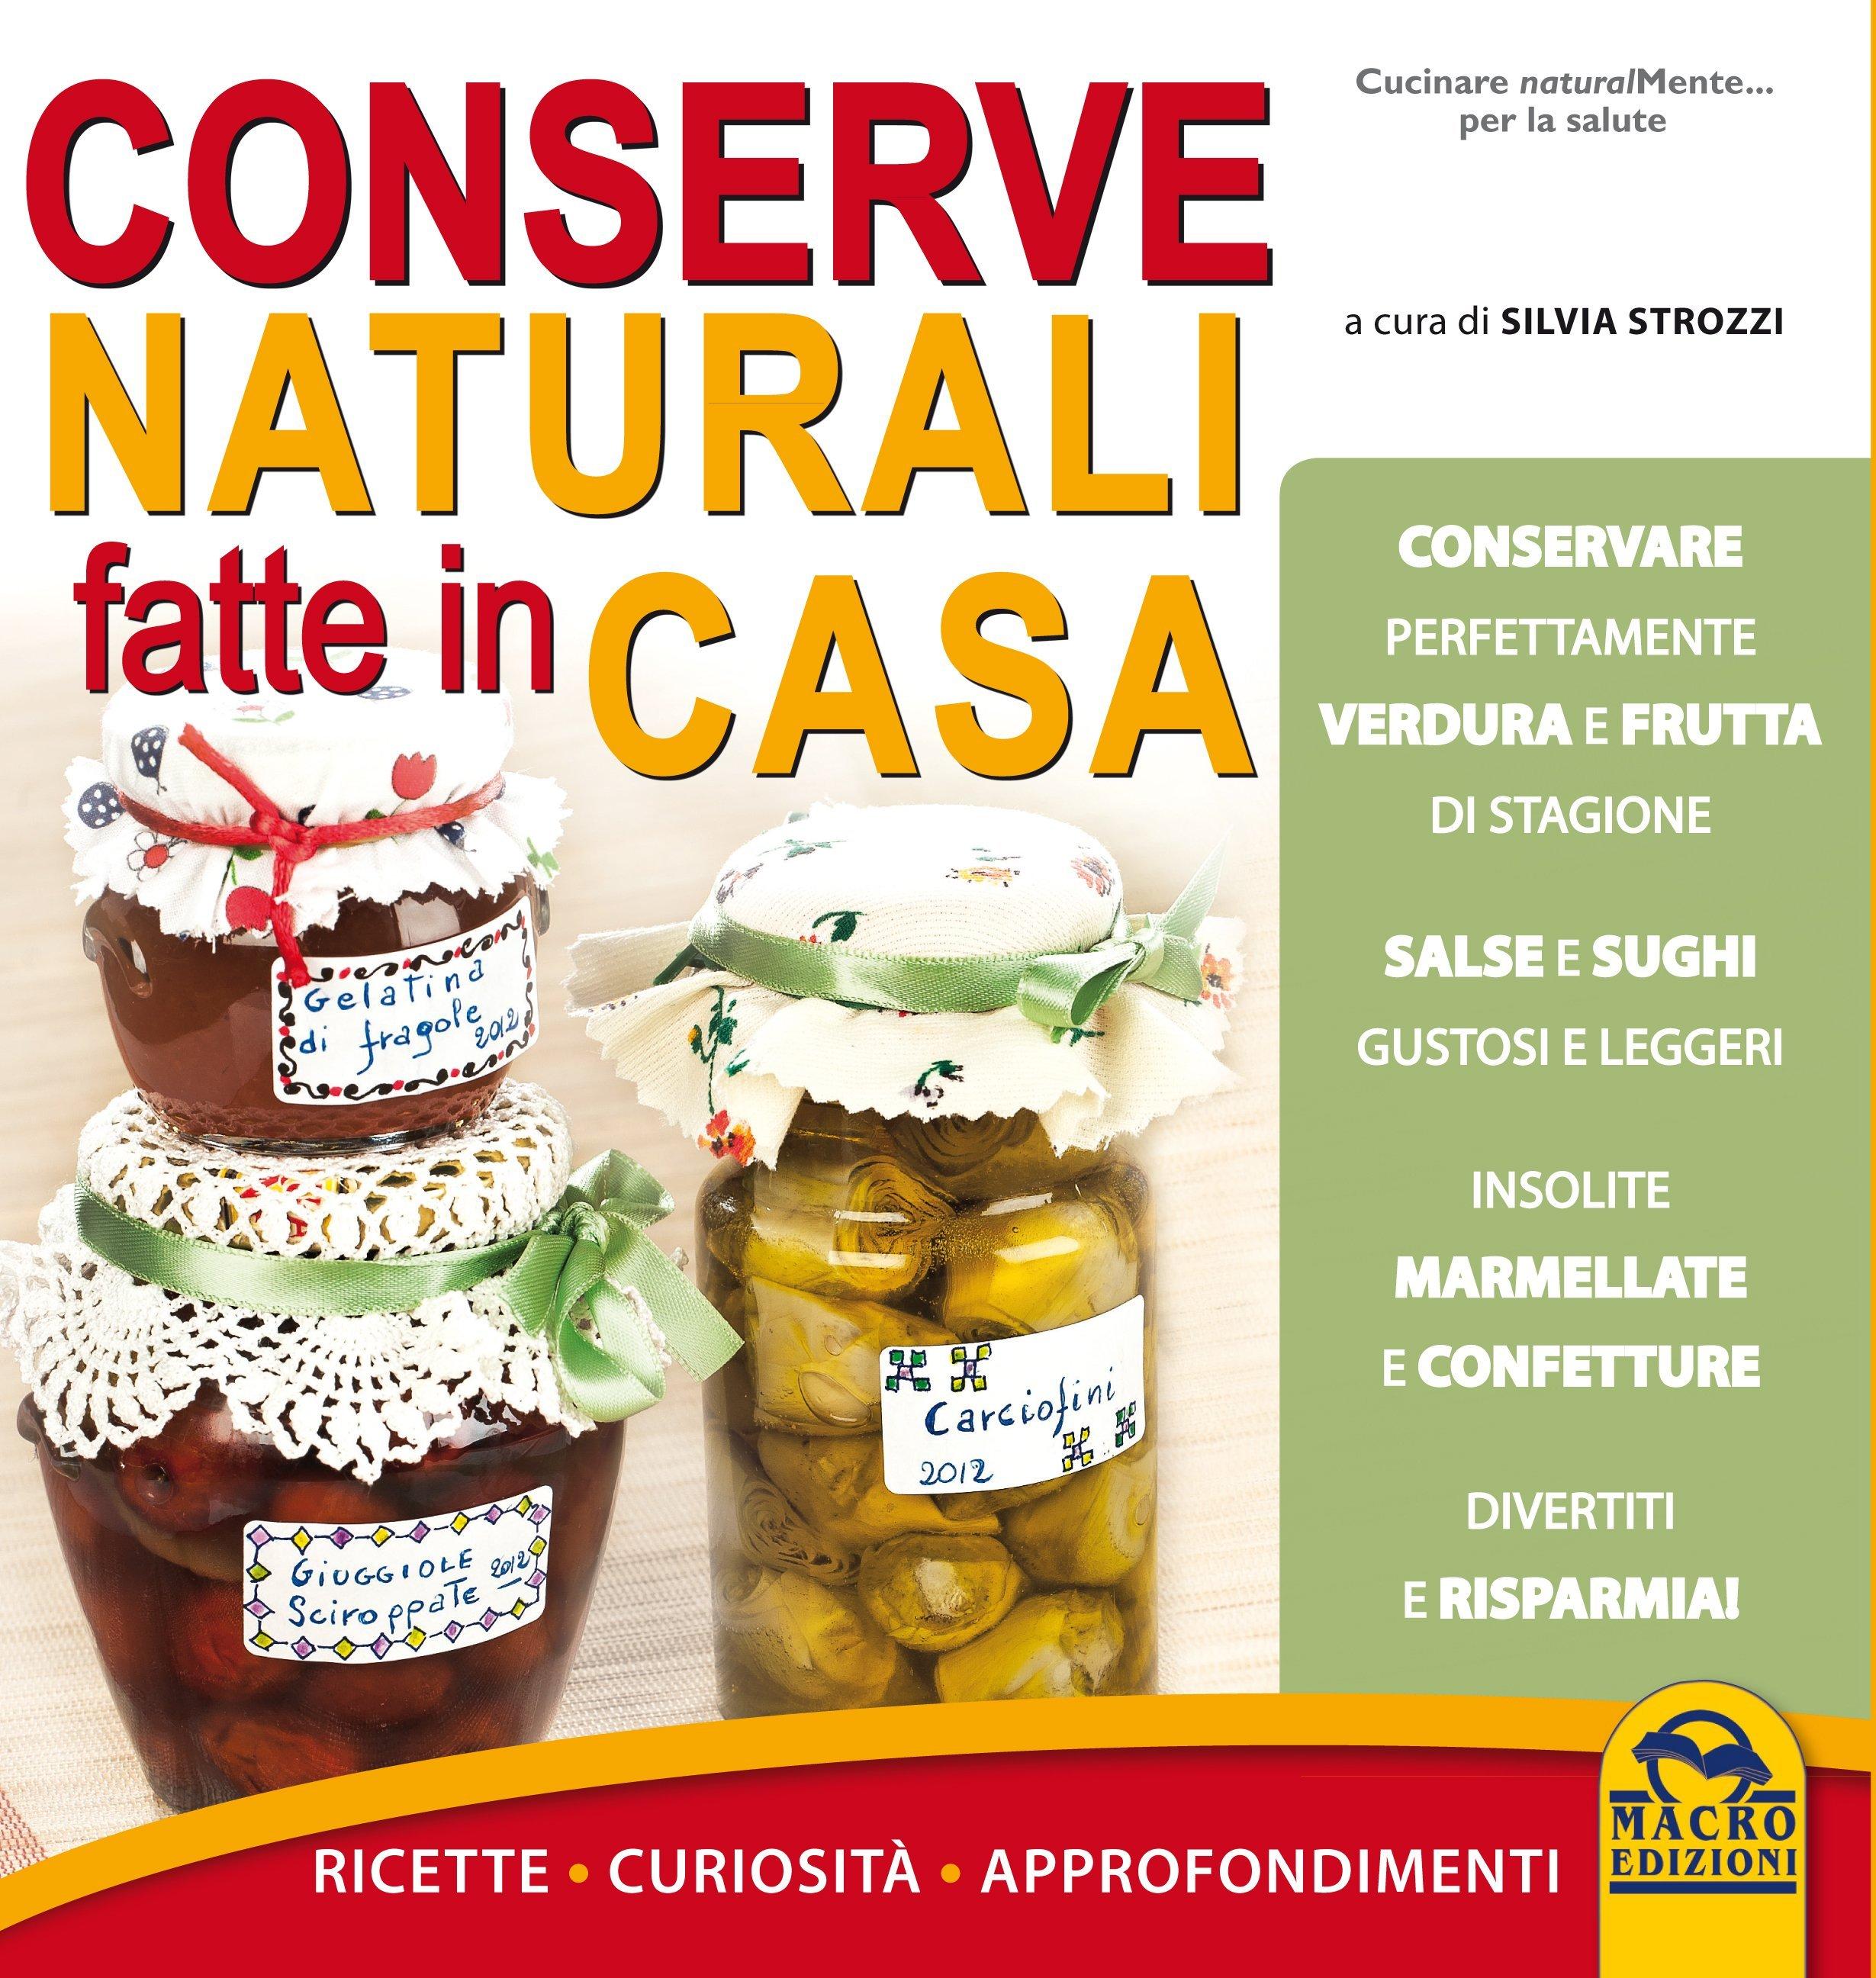 Conserve naturali fatte in casa ricette a cura di silvia for Per cucinare 94